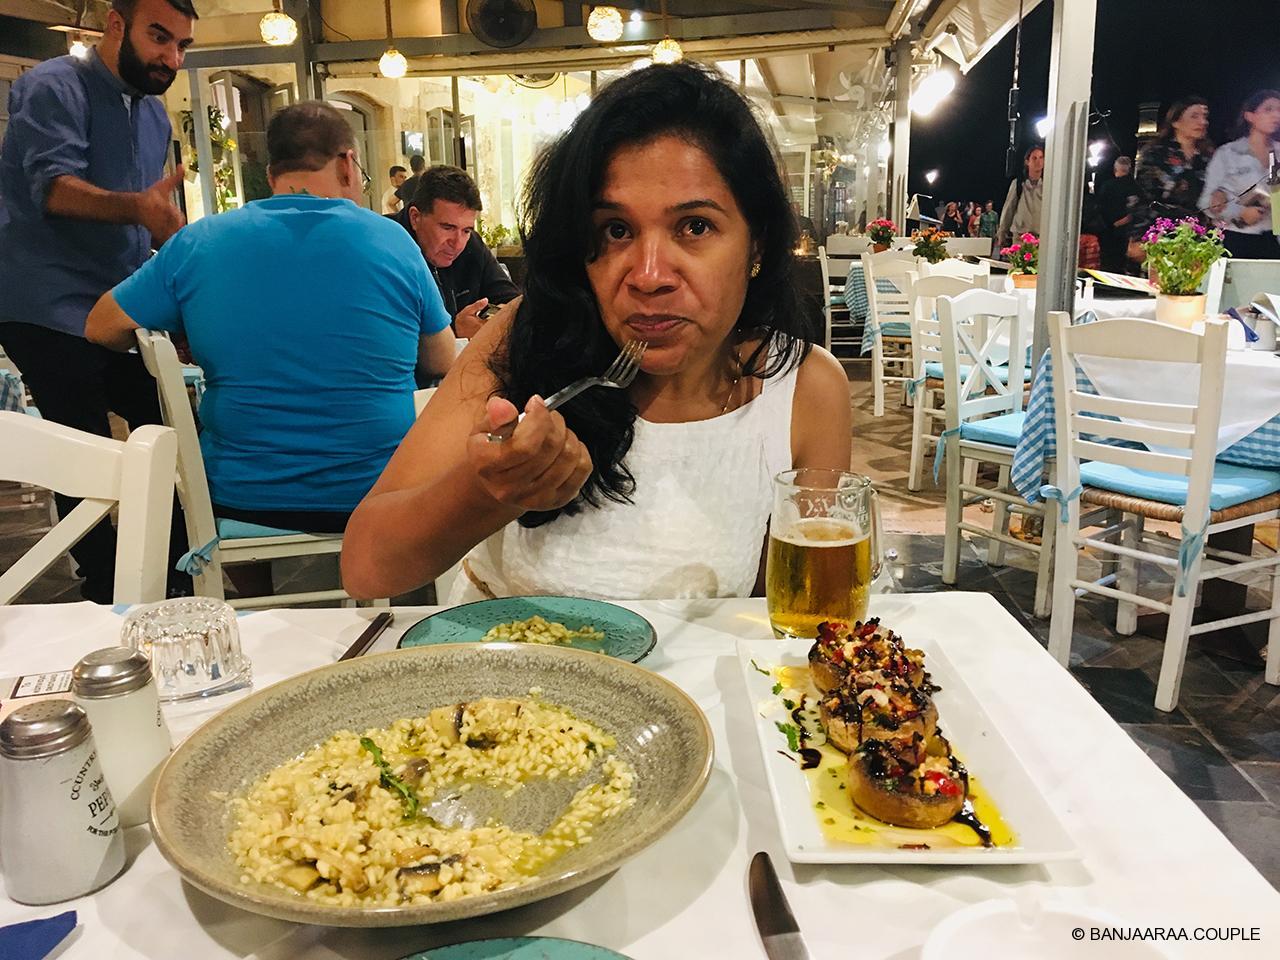 Enjoying Risotto at a Lakeside restaurant.